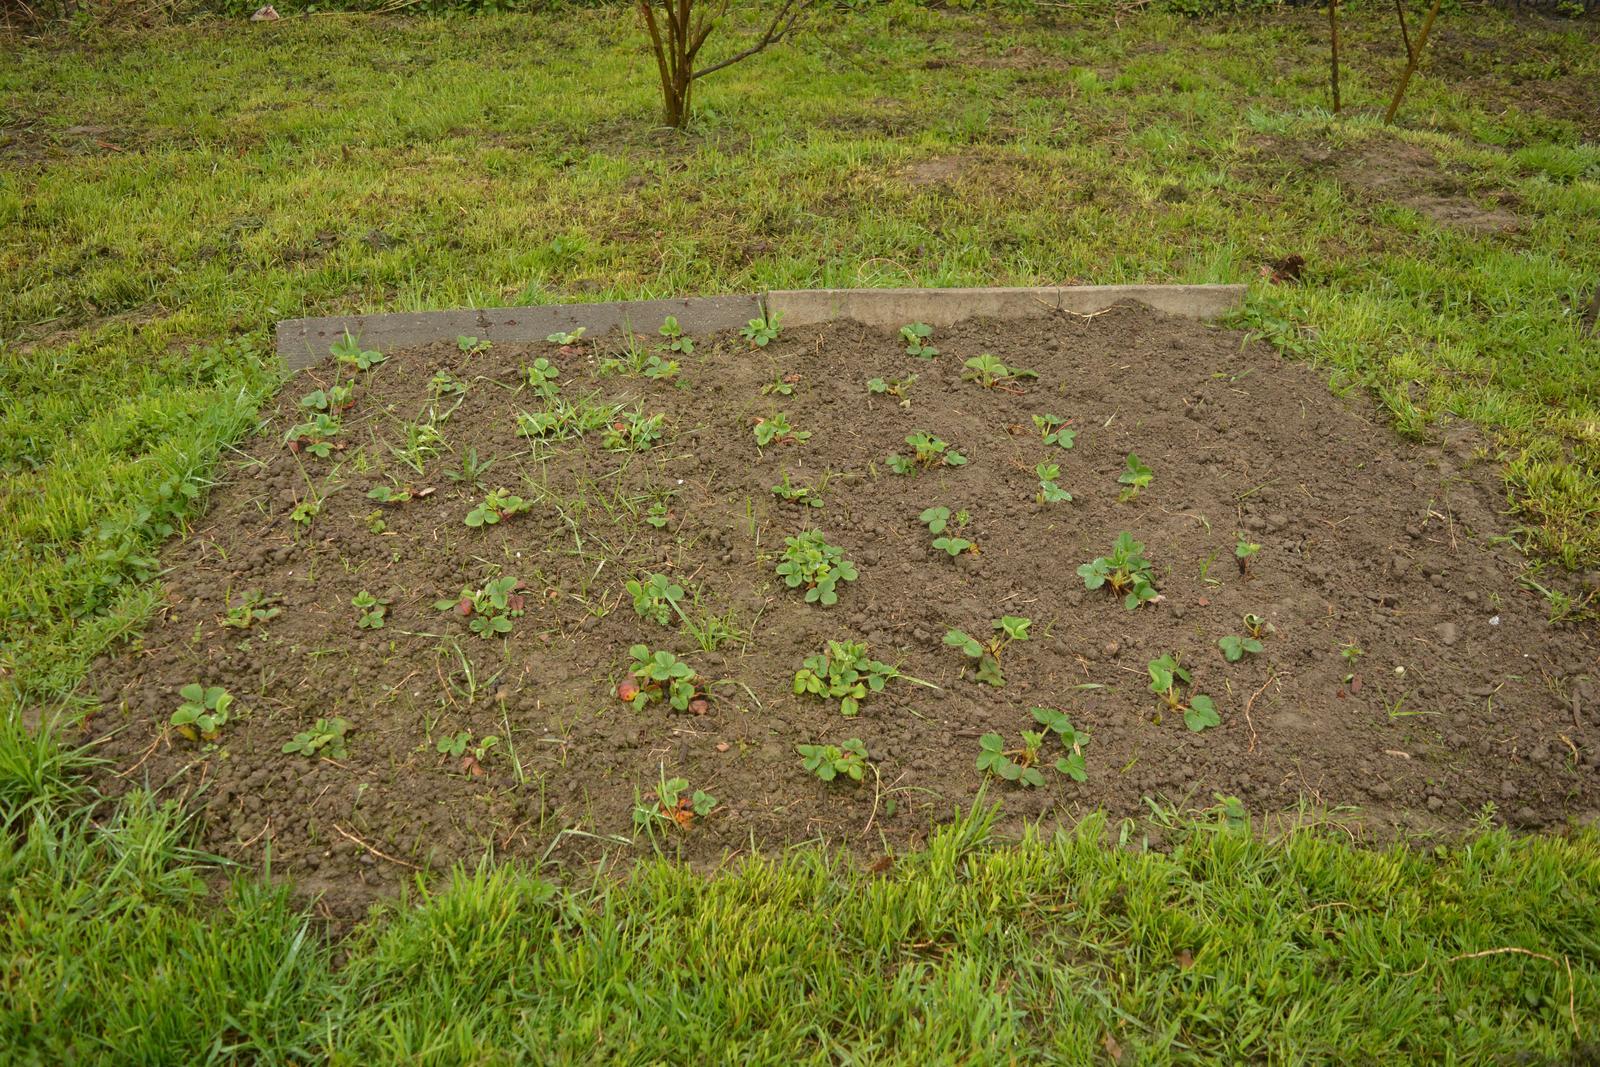 Náš nový domov ... - Můj záhon s jahodama ... zakládala jsem letos, tak tráva pořád hodně prorůstá a totálně blbě se to pleje :D .. ale snad se počasí umoudří a někdy to pročistím :D